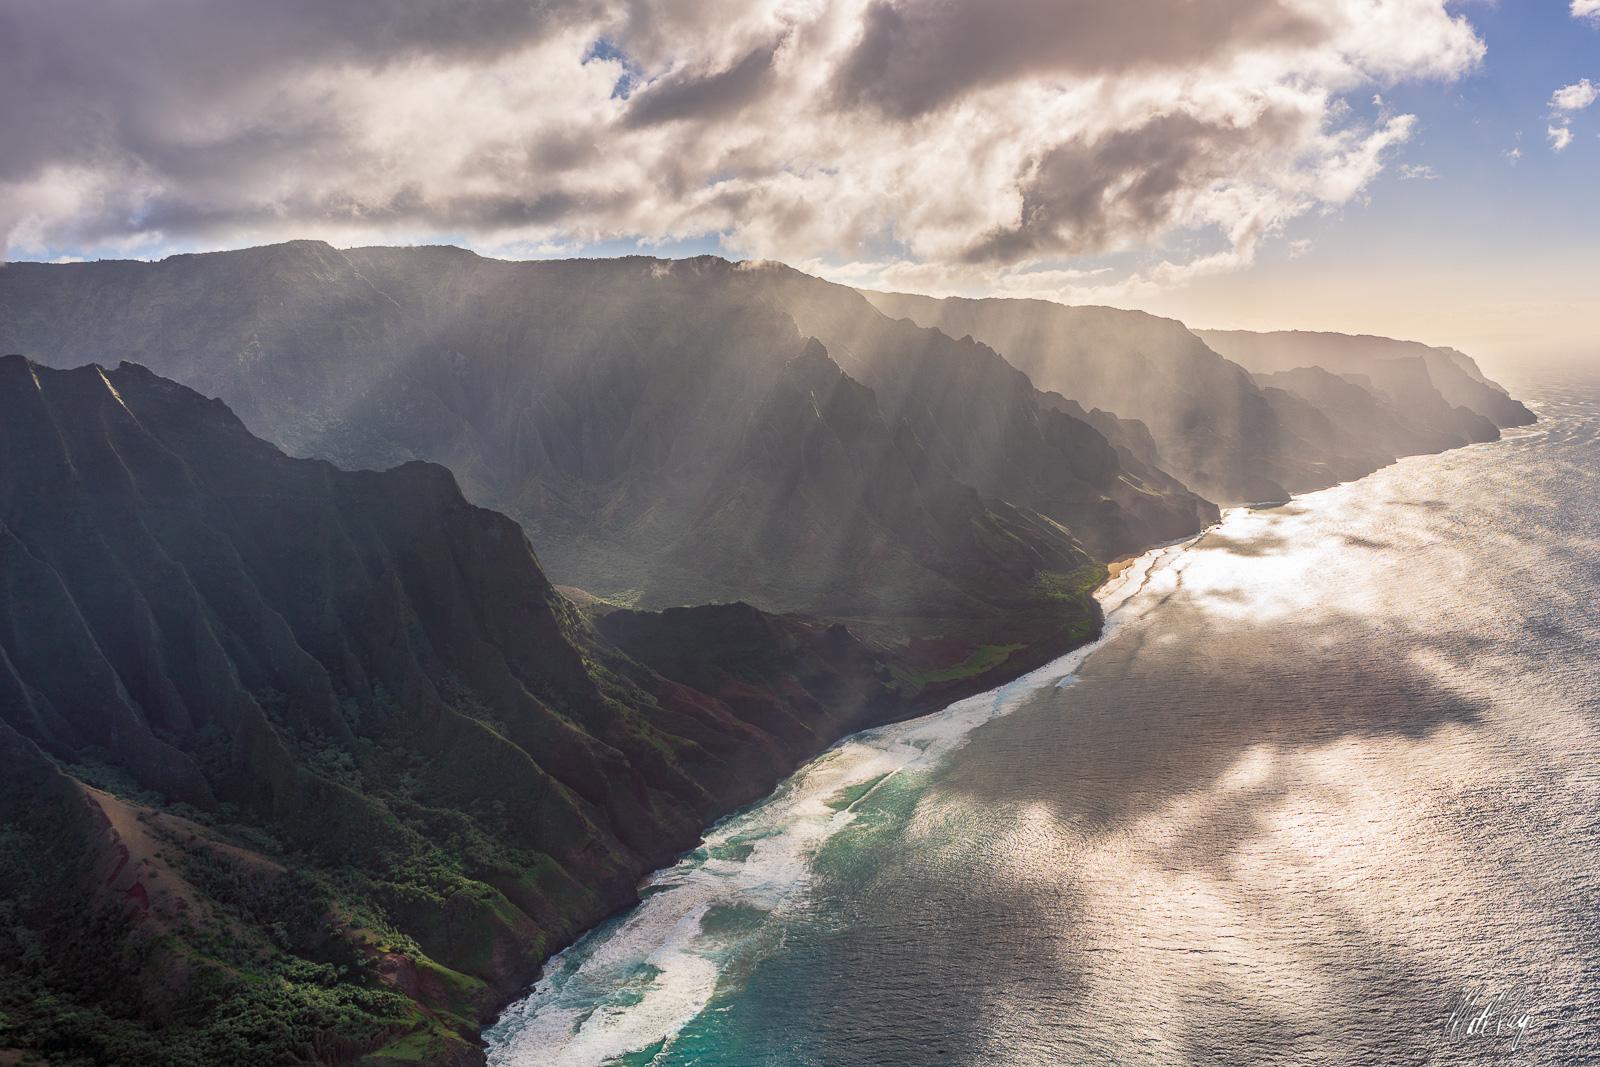 Kauai, Hawaii, sun beams, crepuscular rays, clouds, Nā Pali Coast, landscape, photo